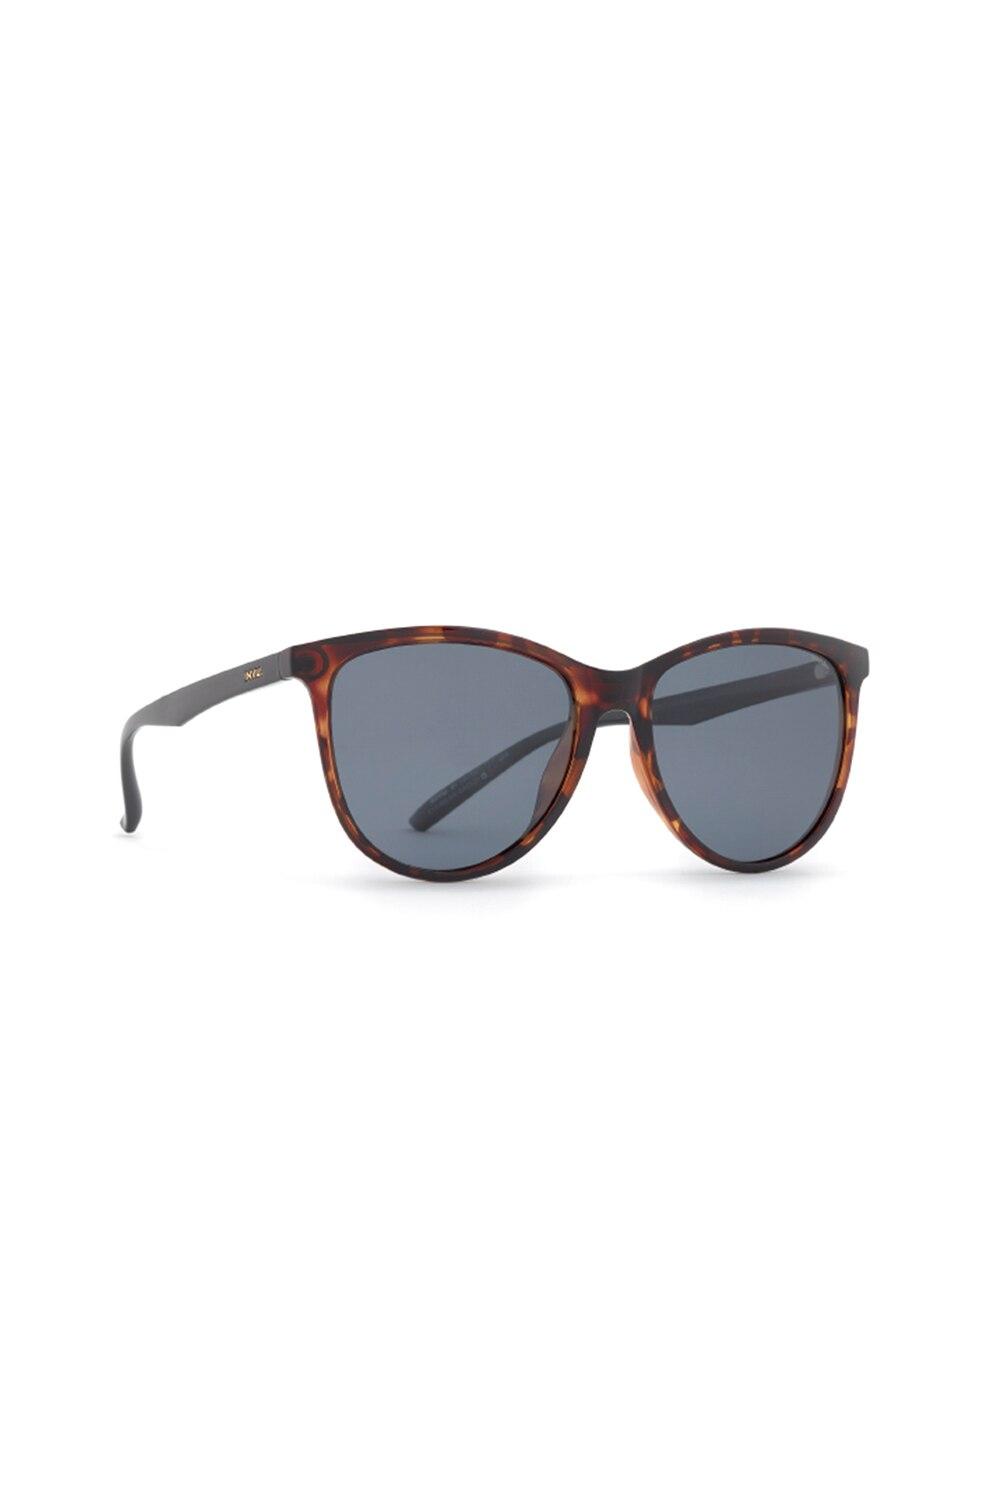 Fotografie INVU., Ochelari de soare cat-eye polarizati, cu lentile uni, Maro inchis/Oranj, 55-17-143 Standard